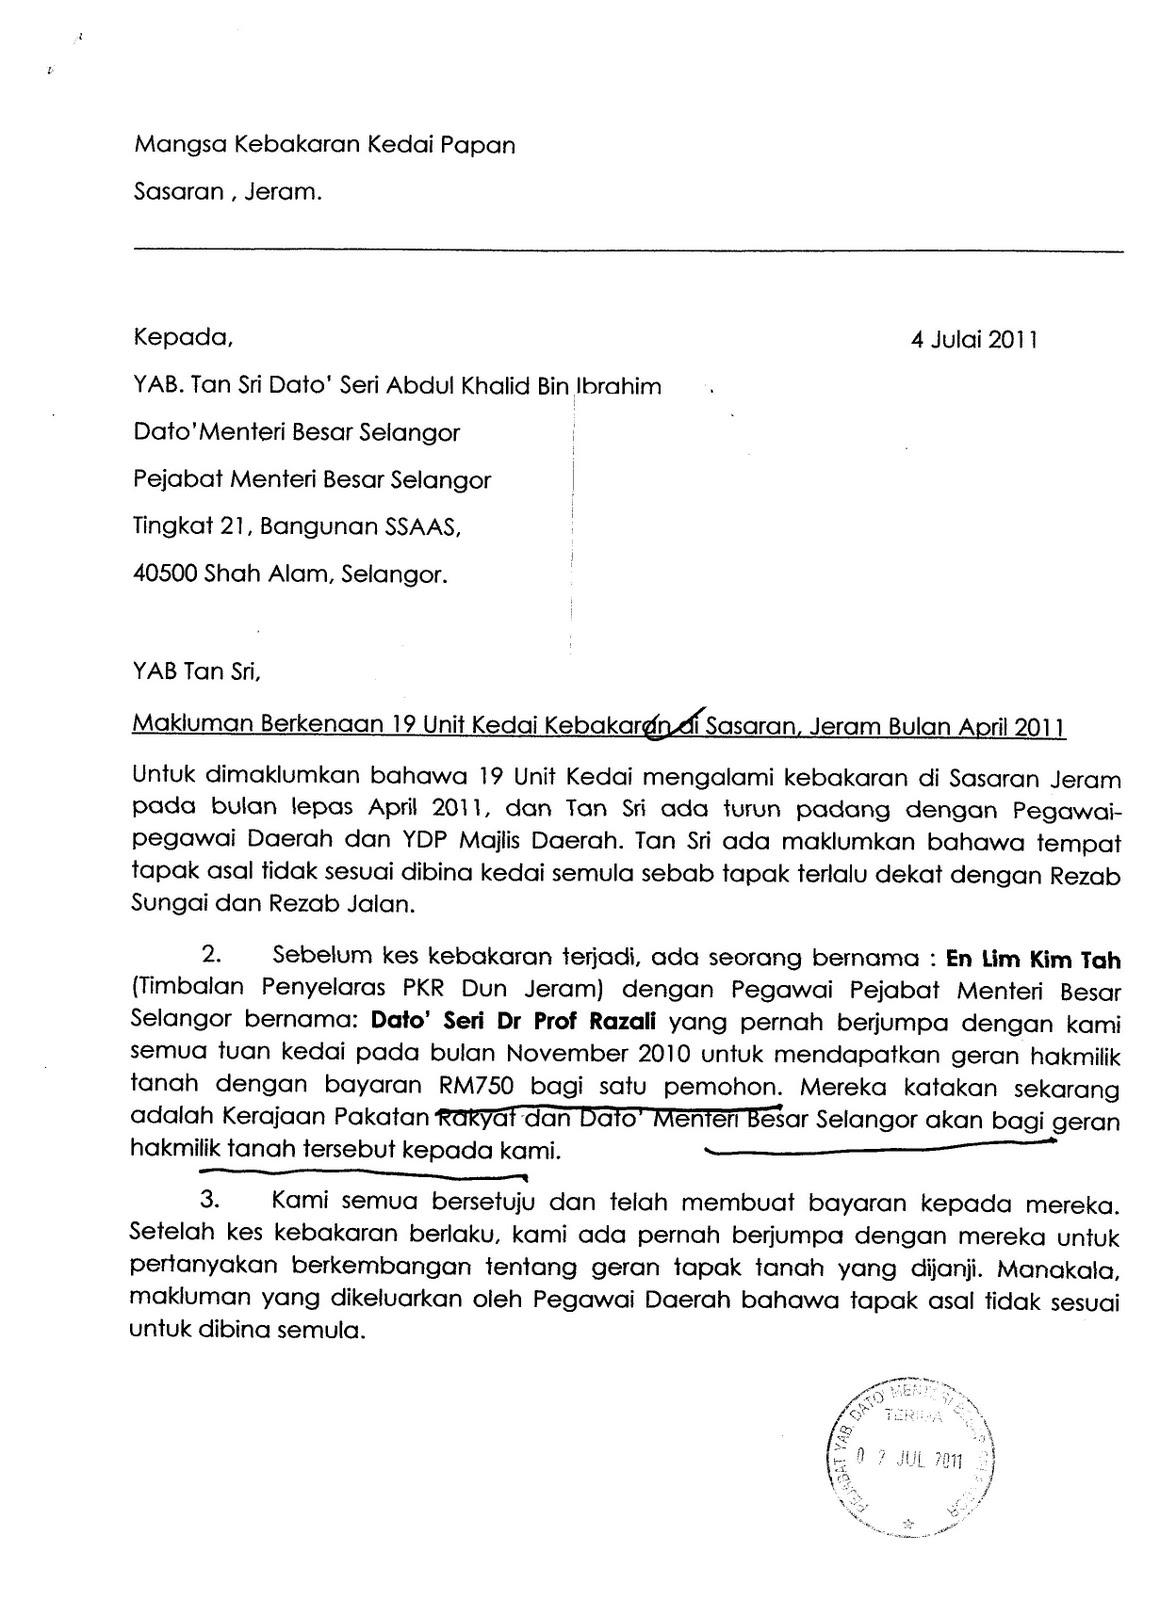 contoh surat rasmi perletakan jawatan sebagai pengawas